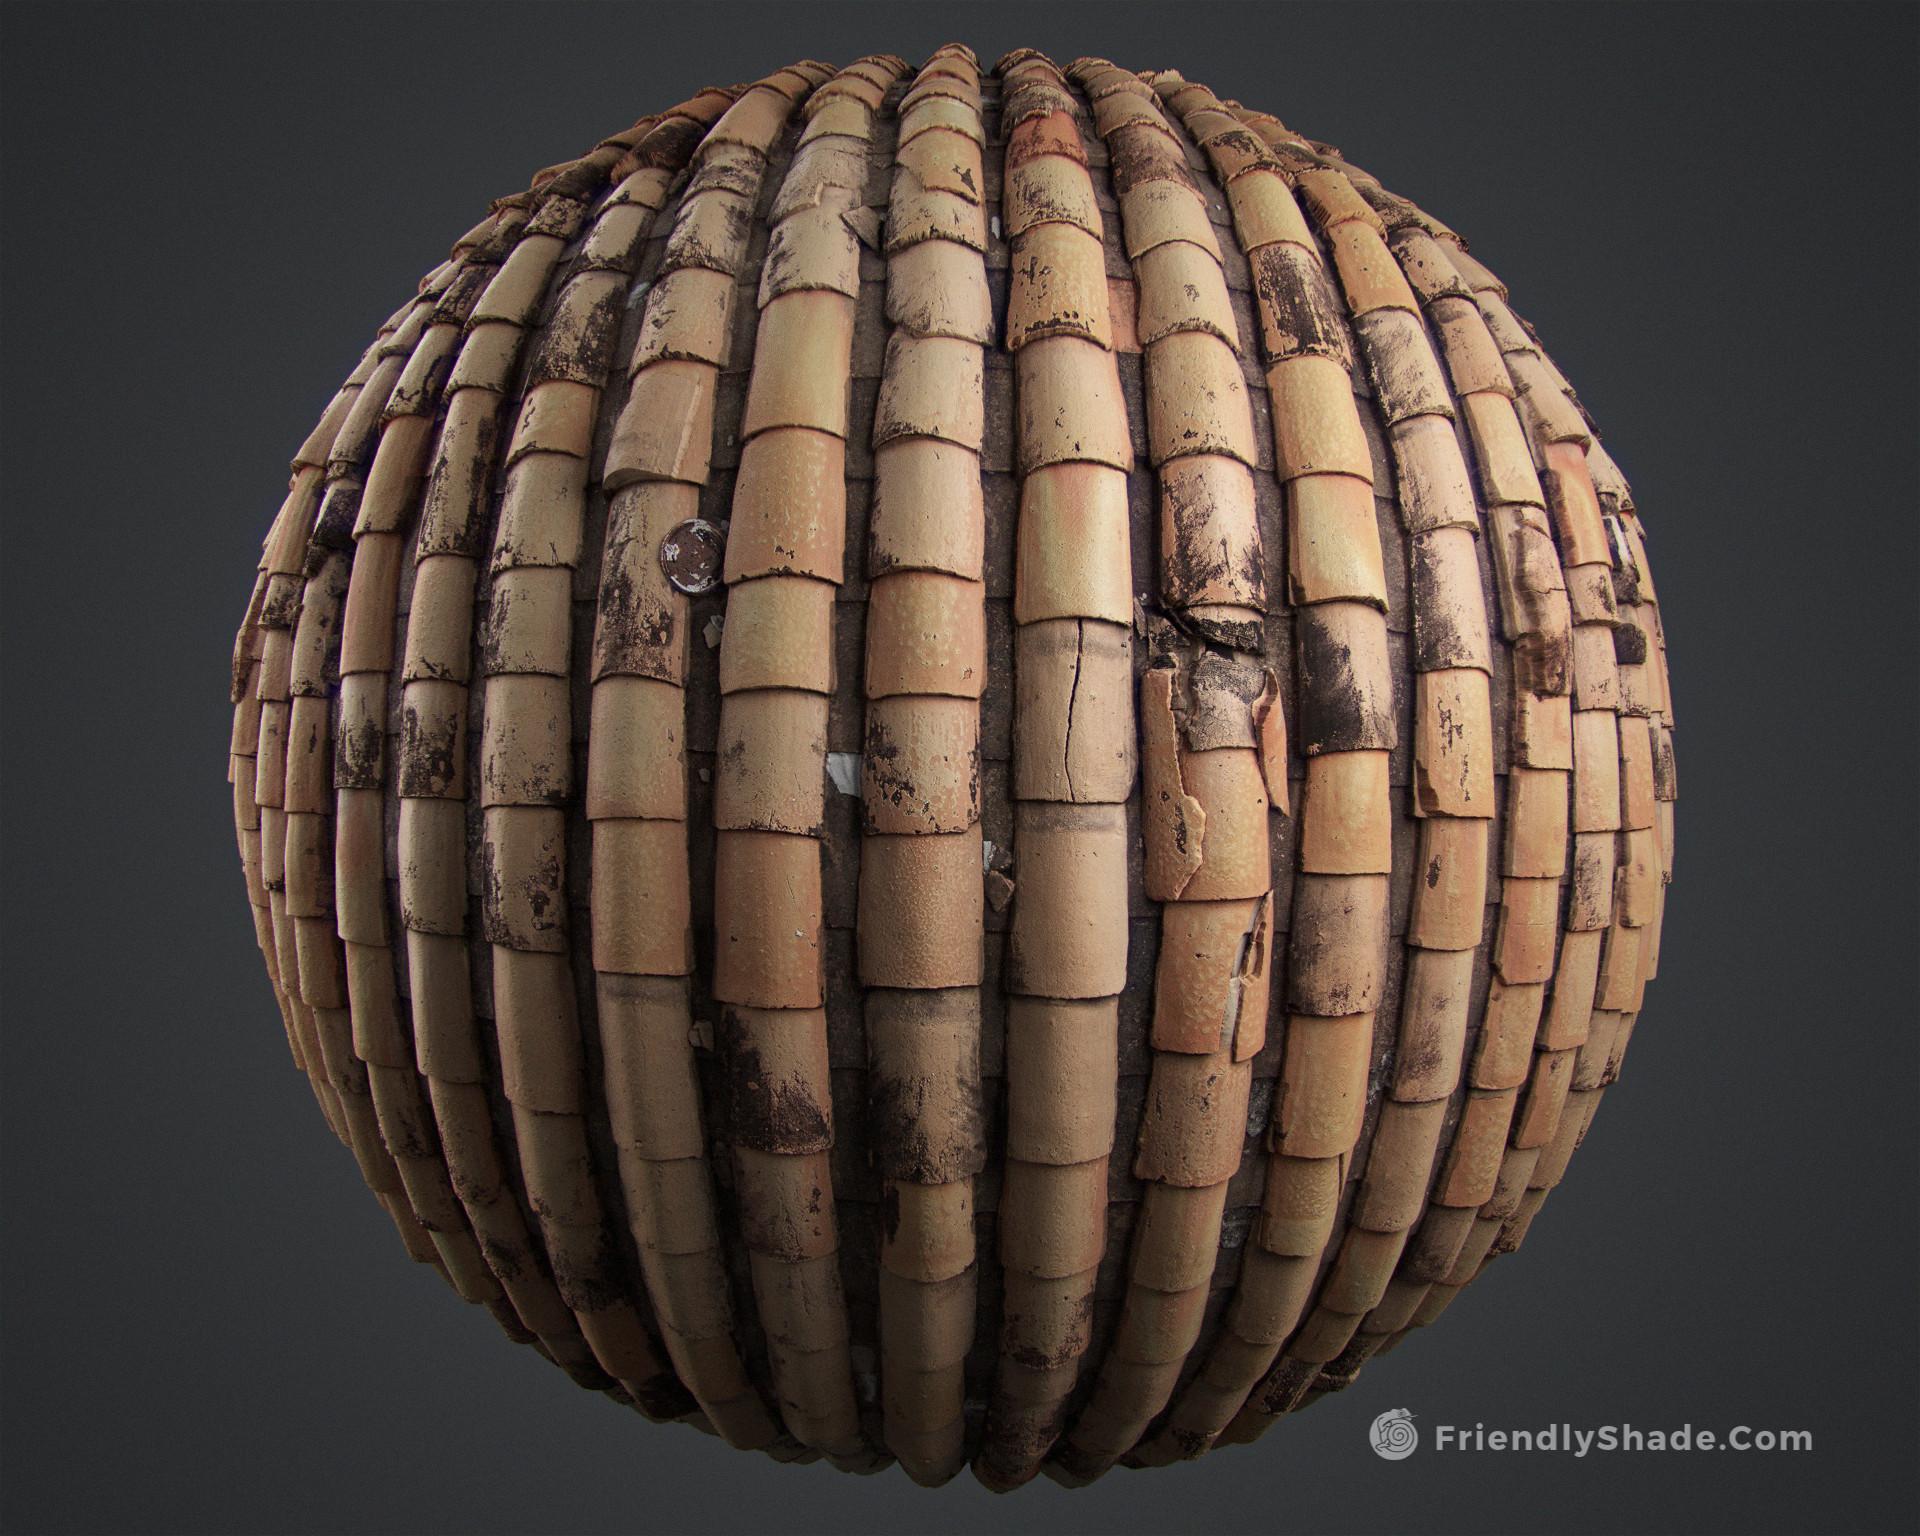 https://cdna.artstation.com/p/assets/images/images/004/312/168/large/sebastian-zapata-sphere-post.jpg?1482316142